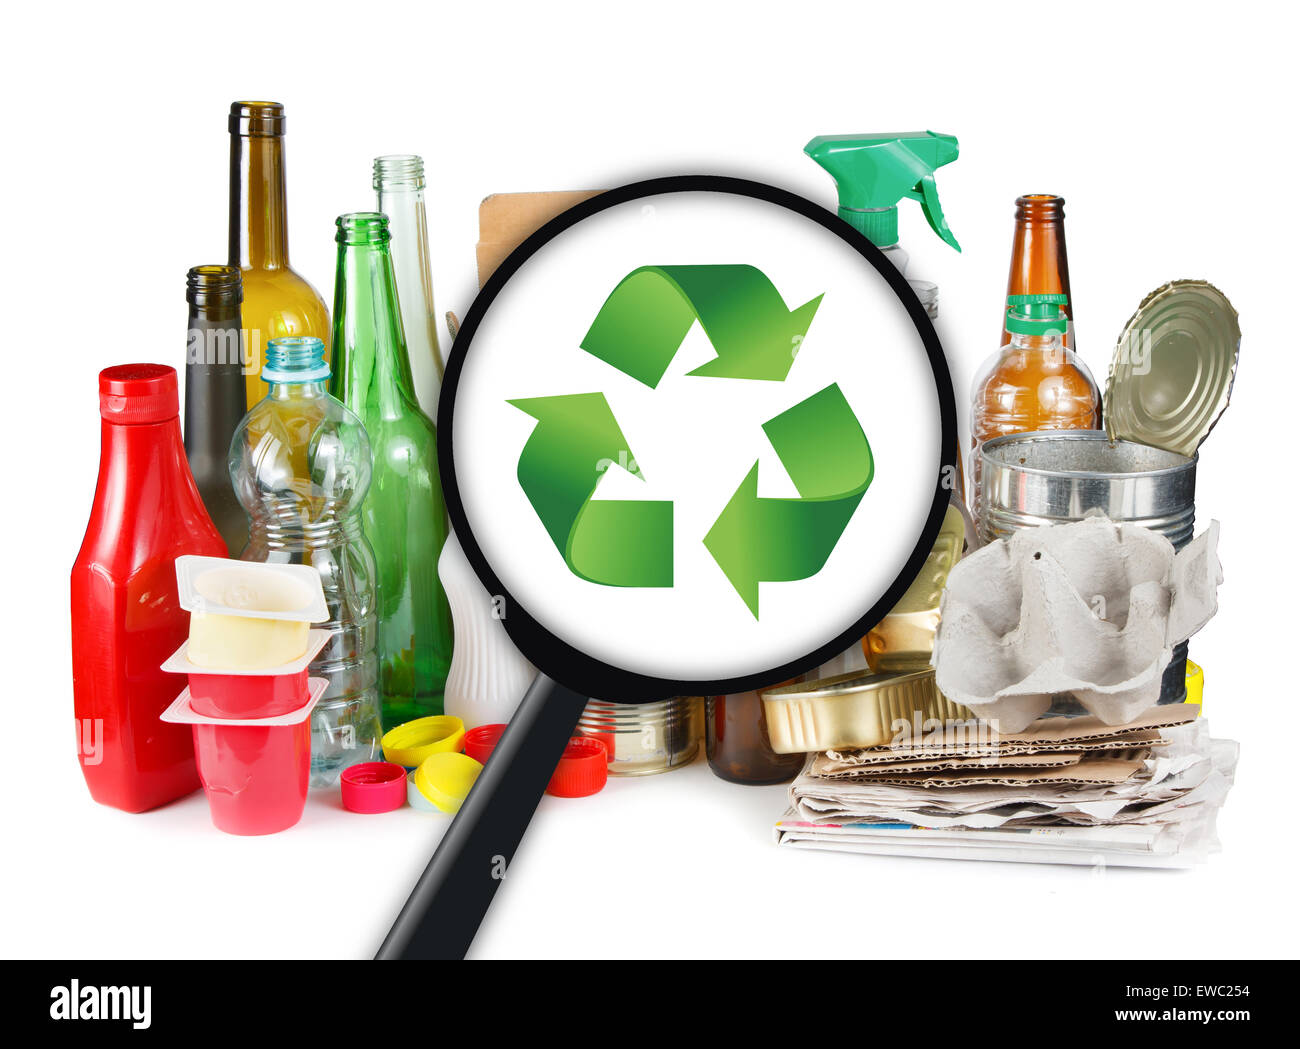 Männer auf der Suche nach einem recycling-Symbol auf Plastikmüll Stockbild